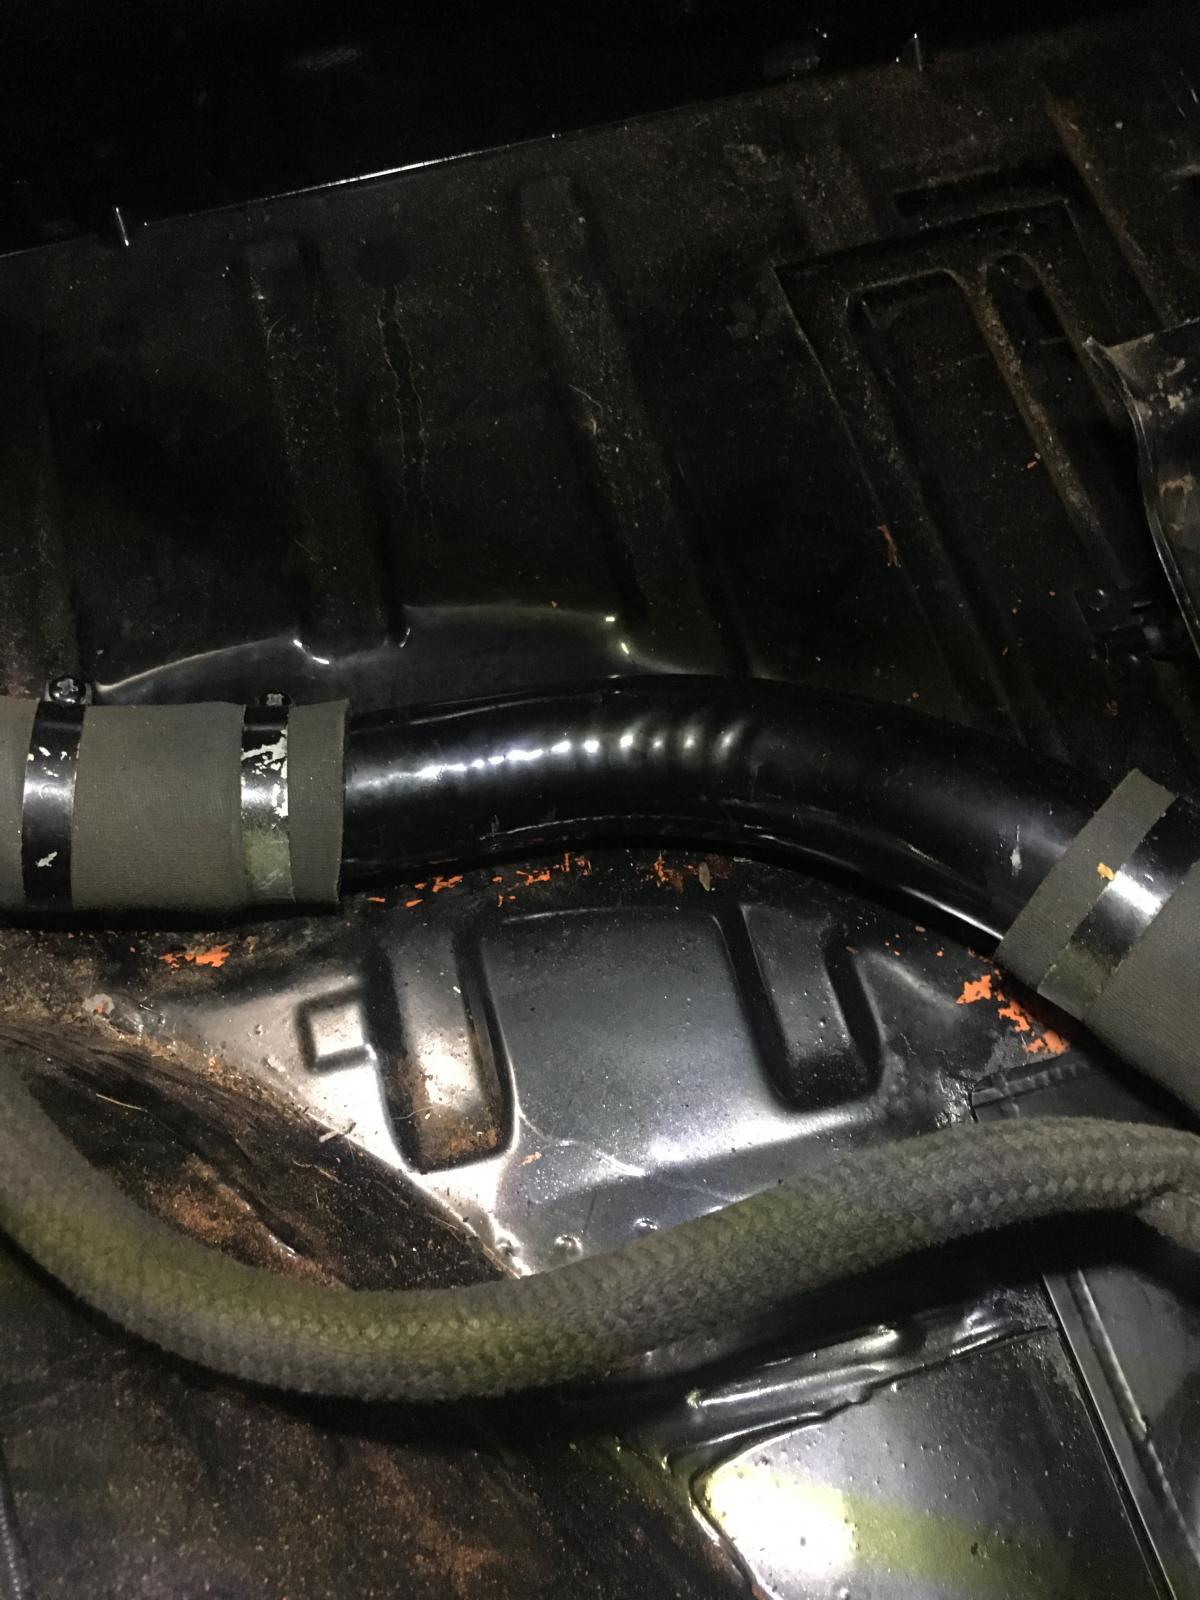 Thing gas filler tube